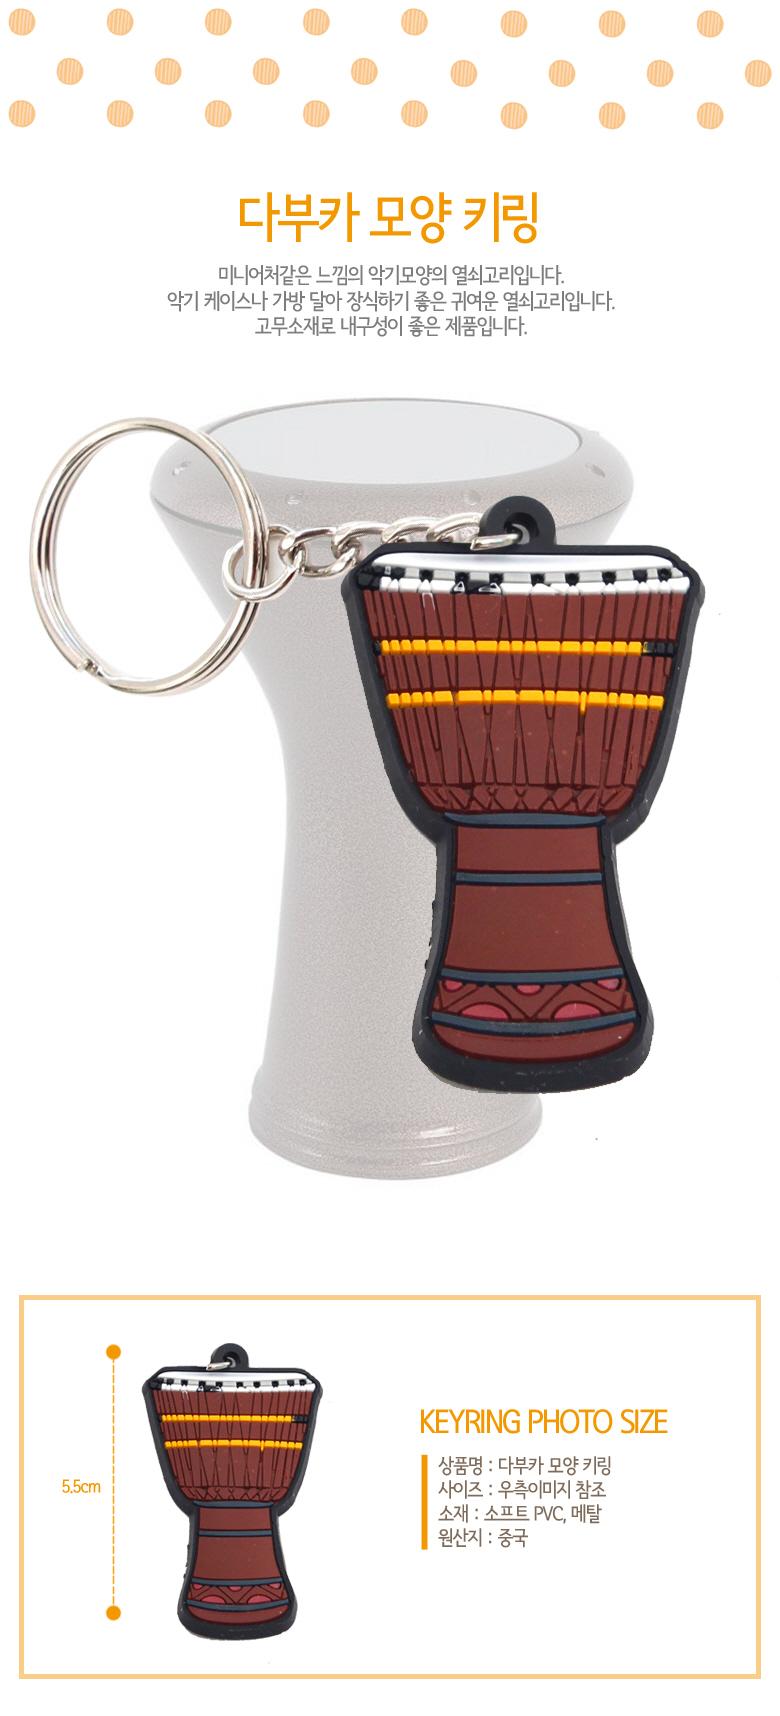 다부카 모양 키링 악기 열쇠고리 미니어처 - 포스트레이딩, 1,500원, 기타 악기/음향기자재, 기타